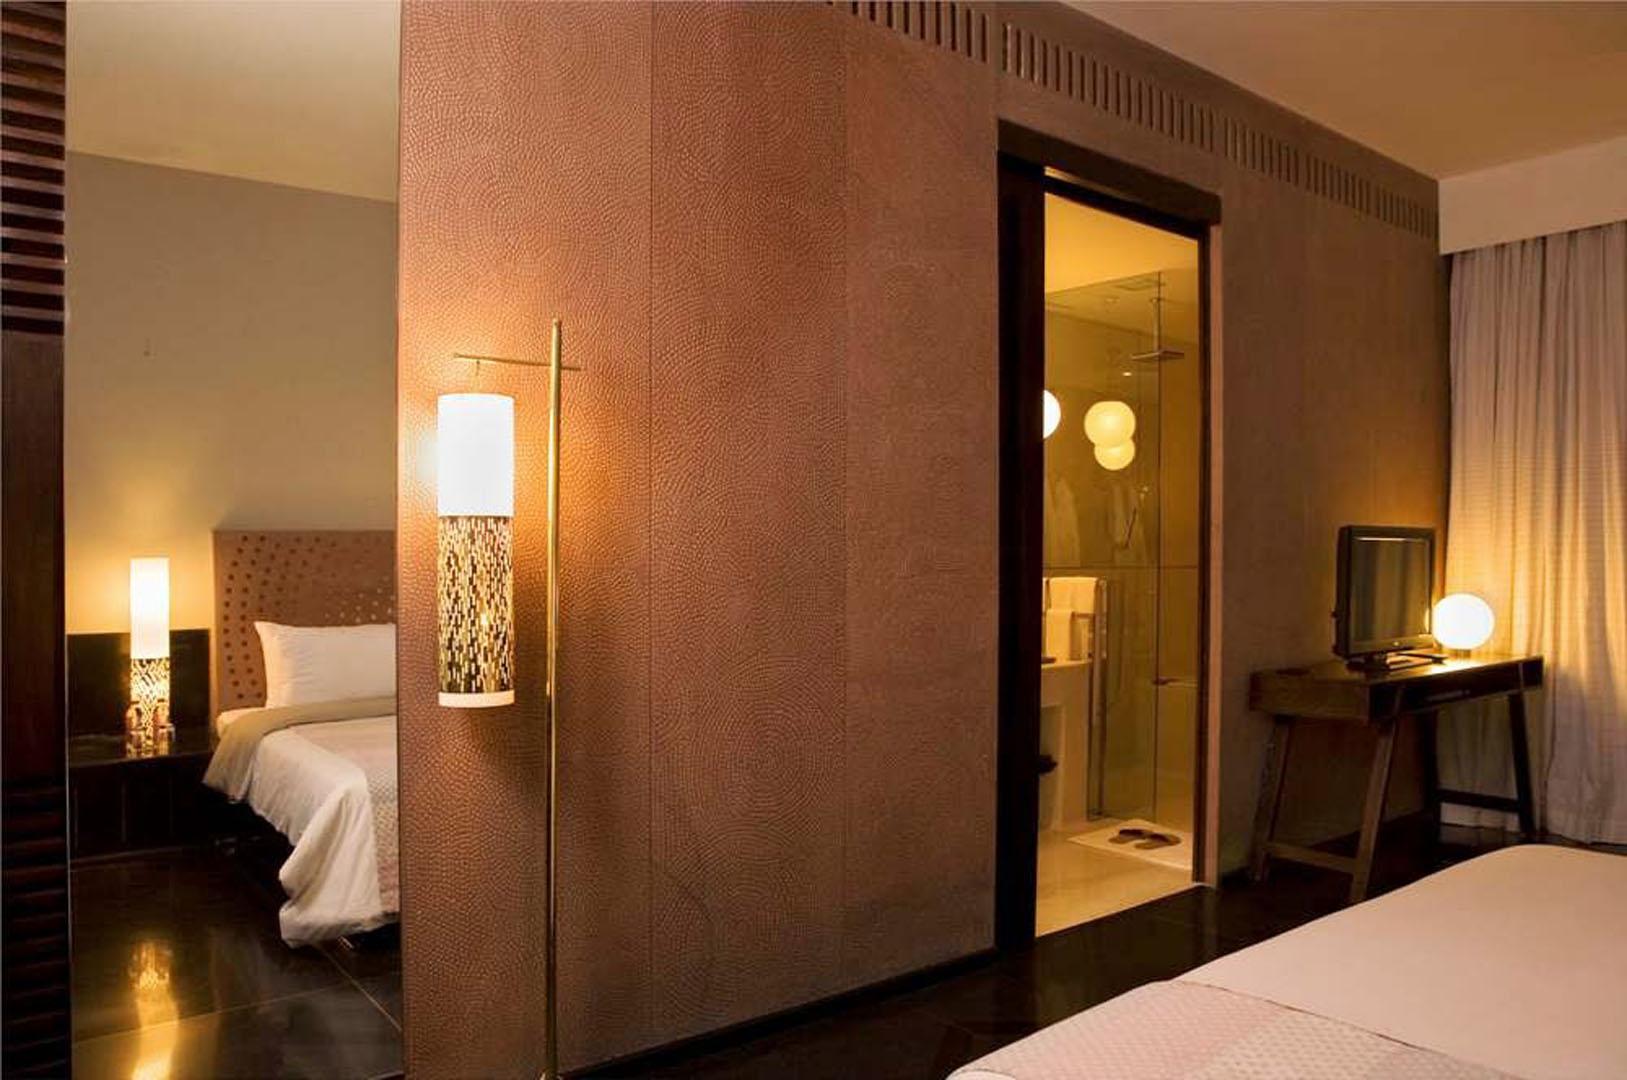 Luxury_Room_-_image